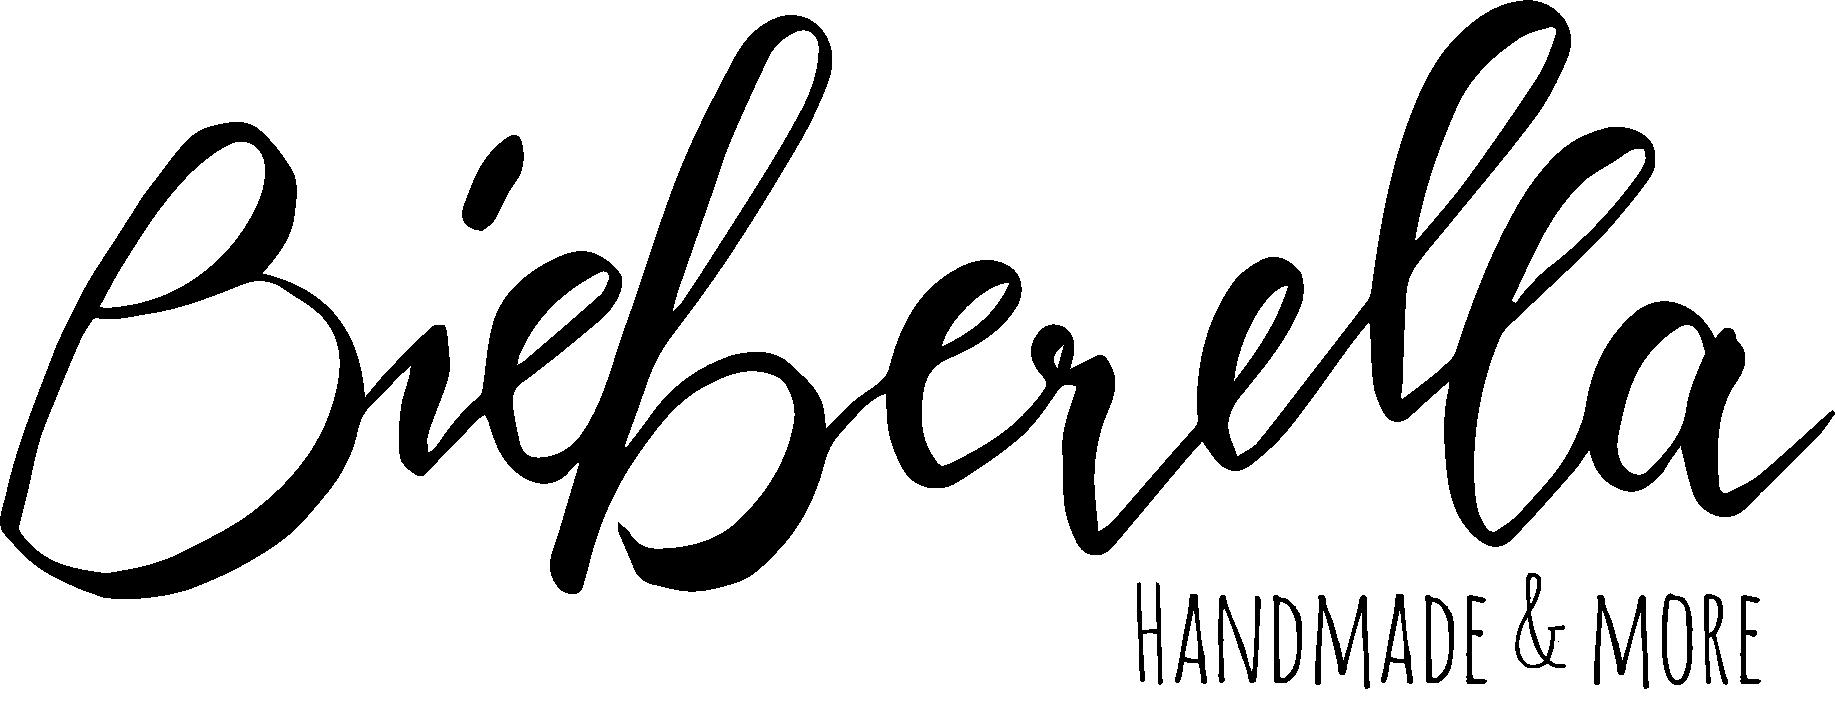 Schriftzug Bieberella